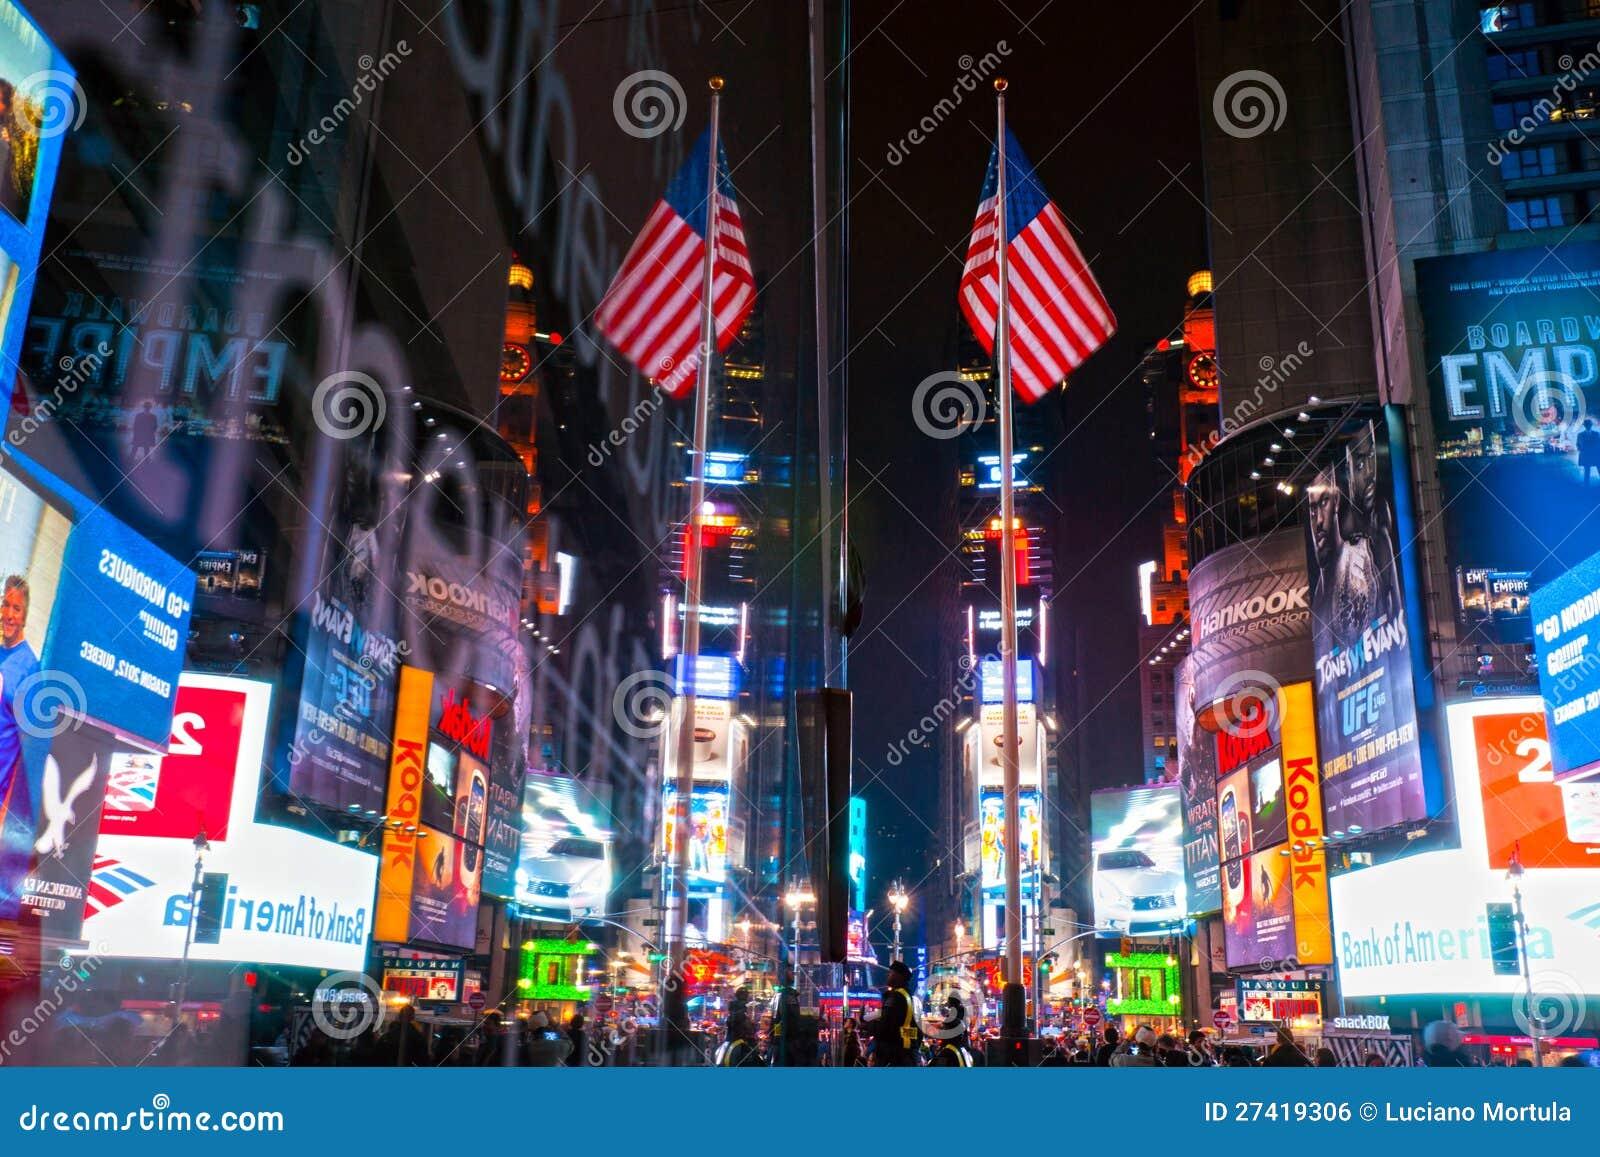 Таймс площадь, New York, США.